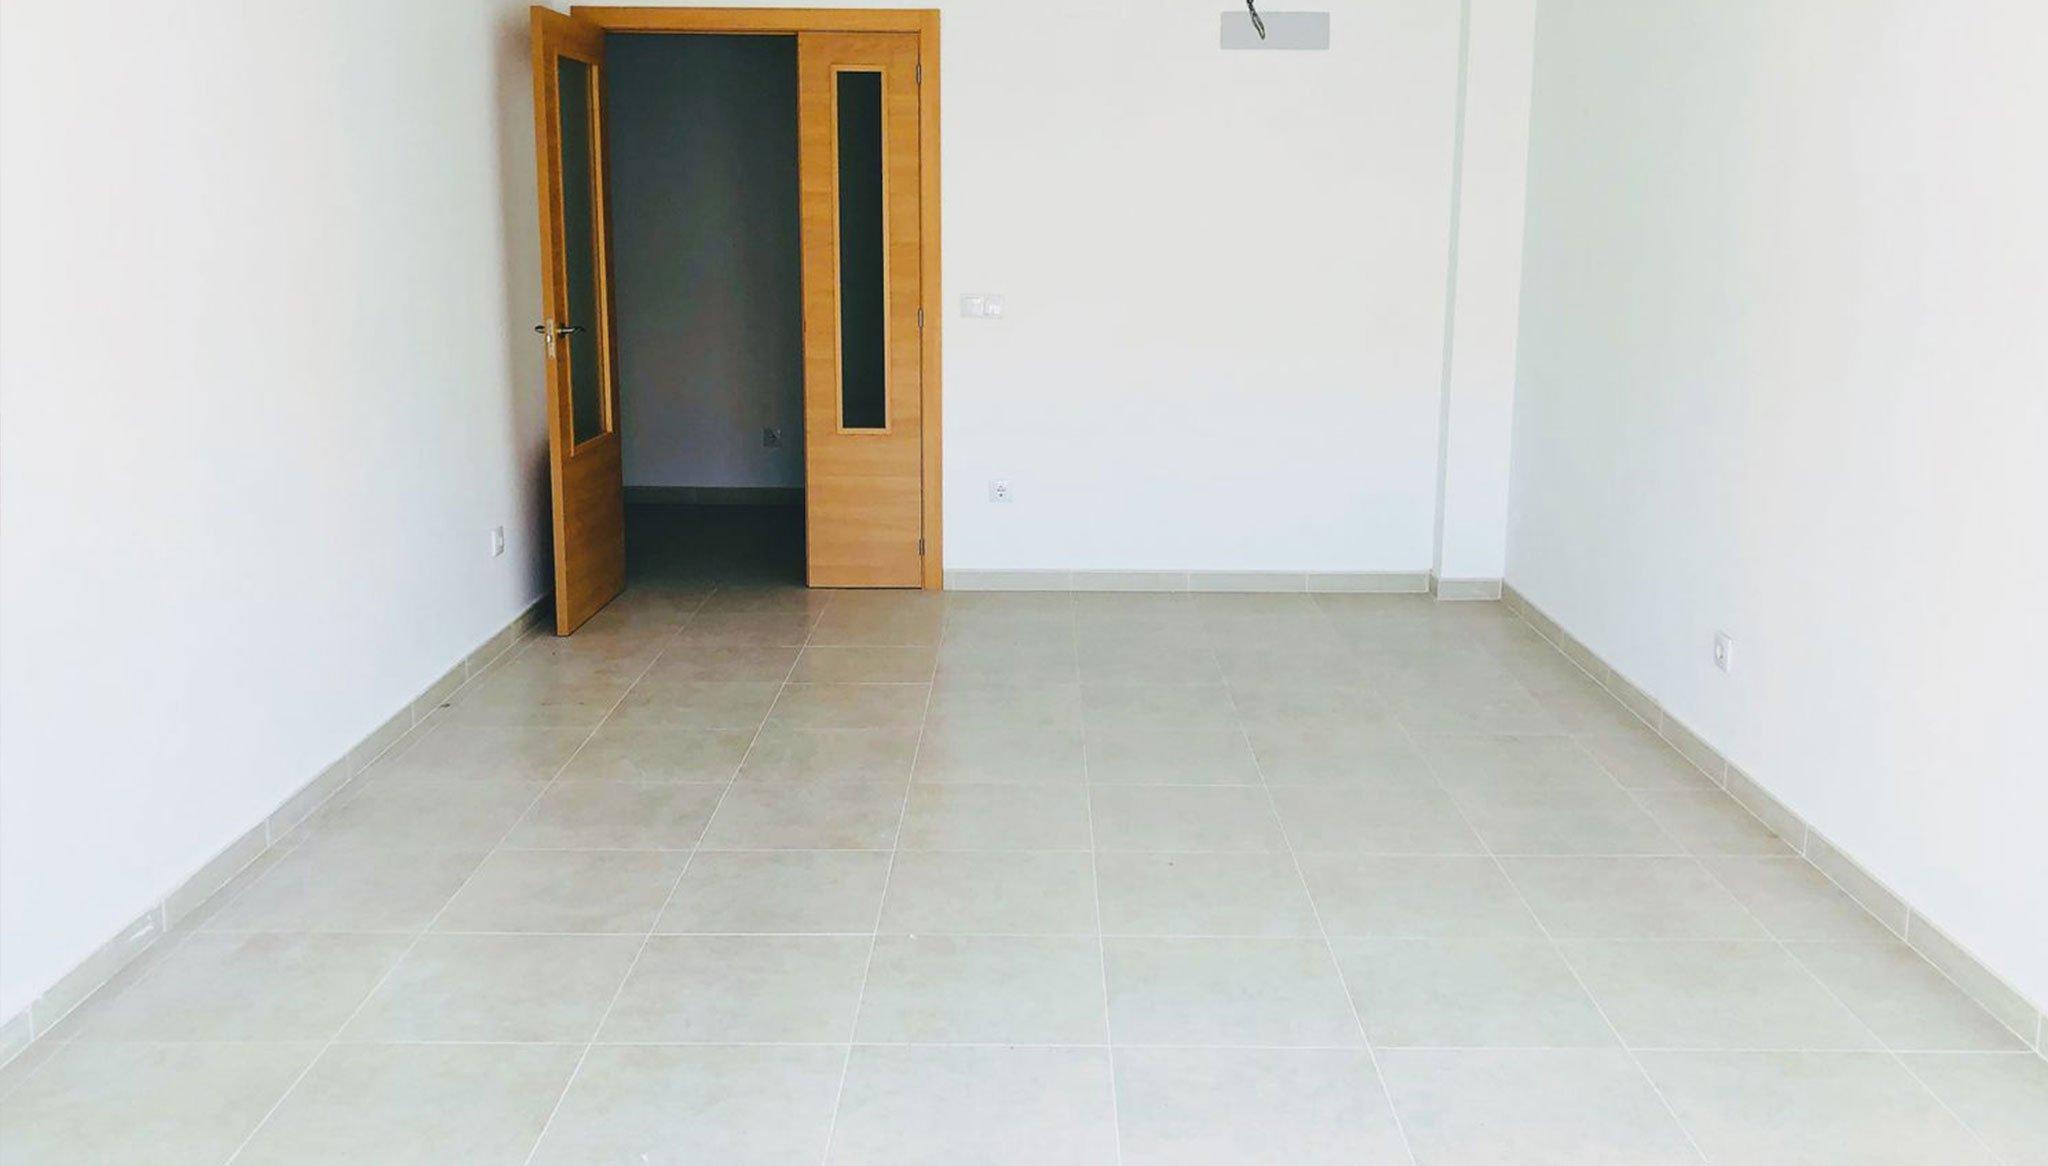 Menjador d'un pis de dues habitacions en venda a Ondara - Mare Nostrum Immobiliària